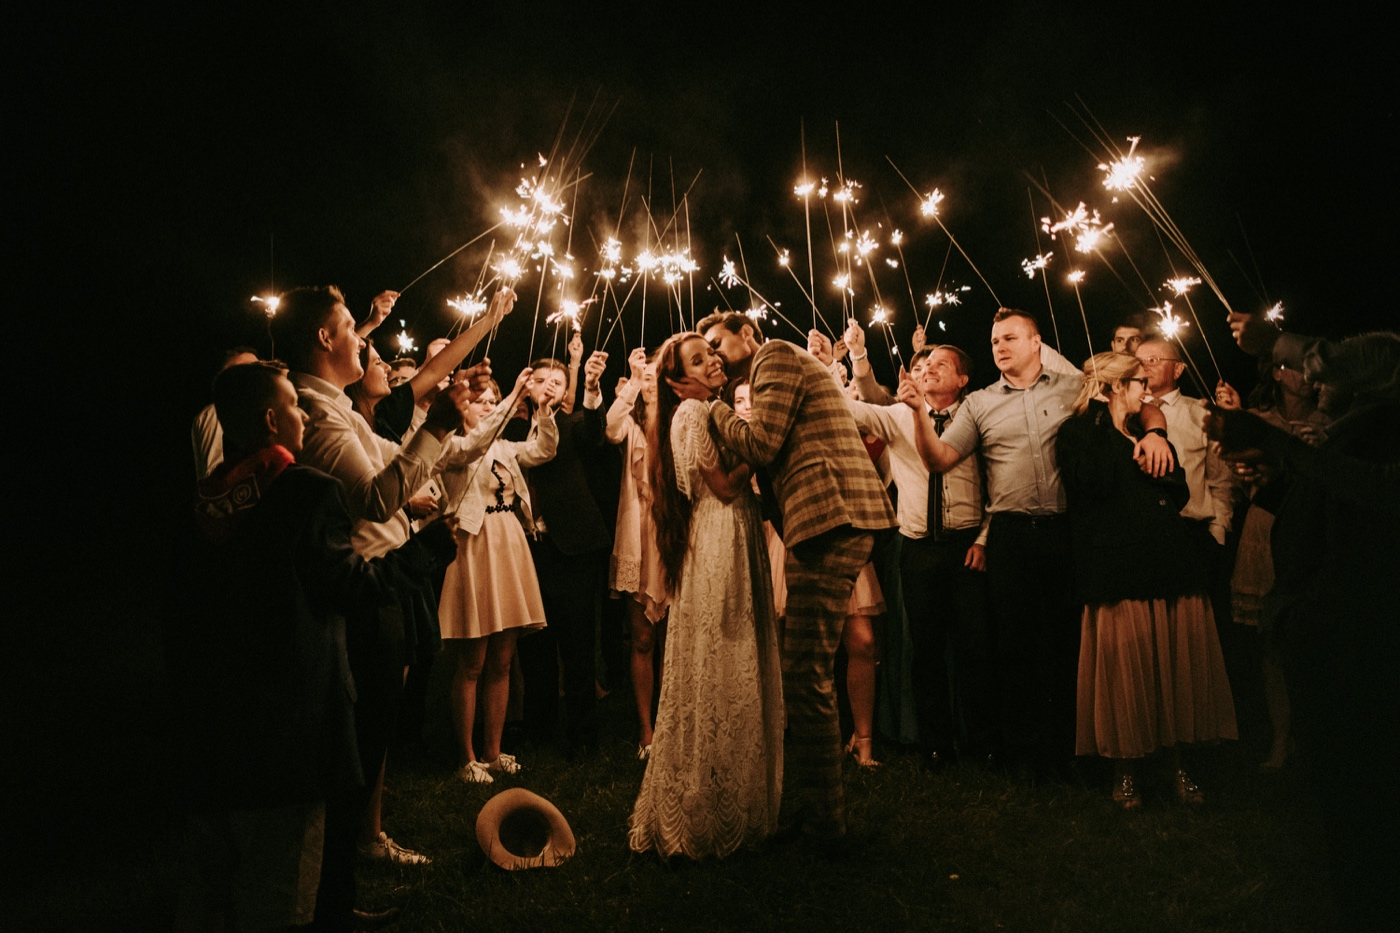 ślub plenerowy wesele w górach plenerze ruda panna młoda długie włosy pod namiotami zimne ognie